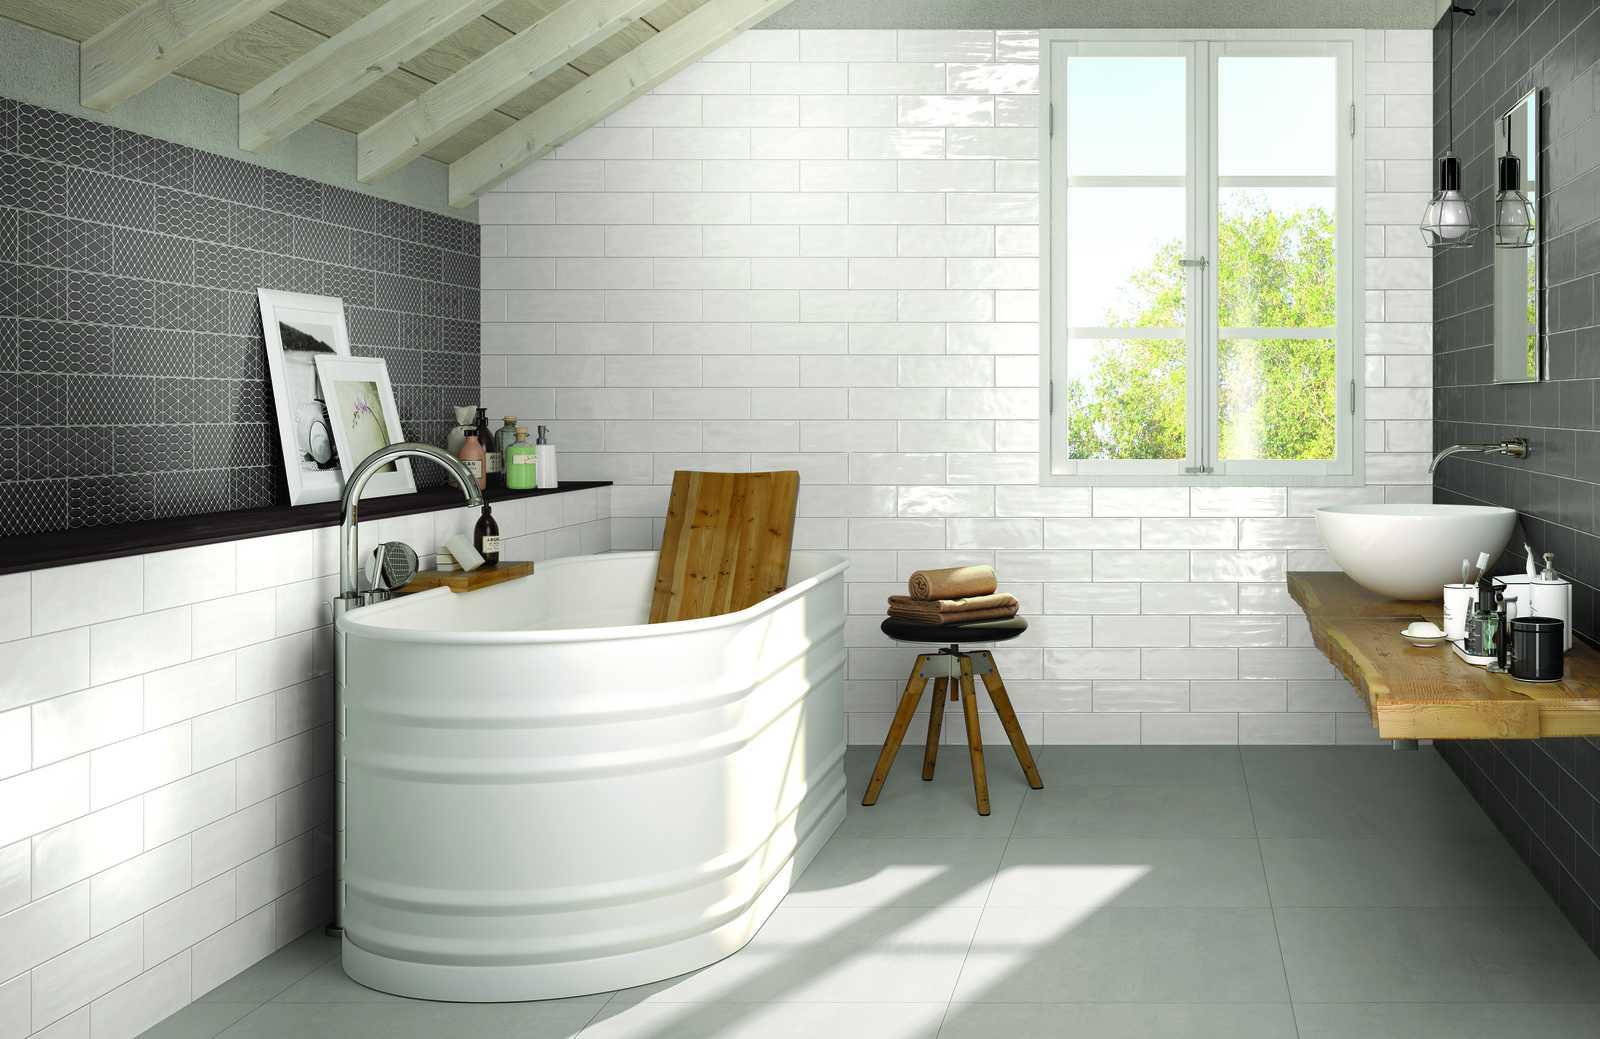 Collezione brick glossy rivestimenti per cucina e bagno - Piastrelle di ceramica ...